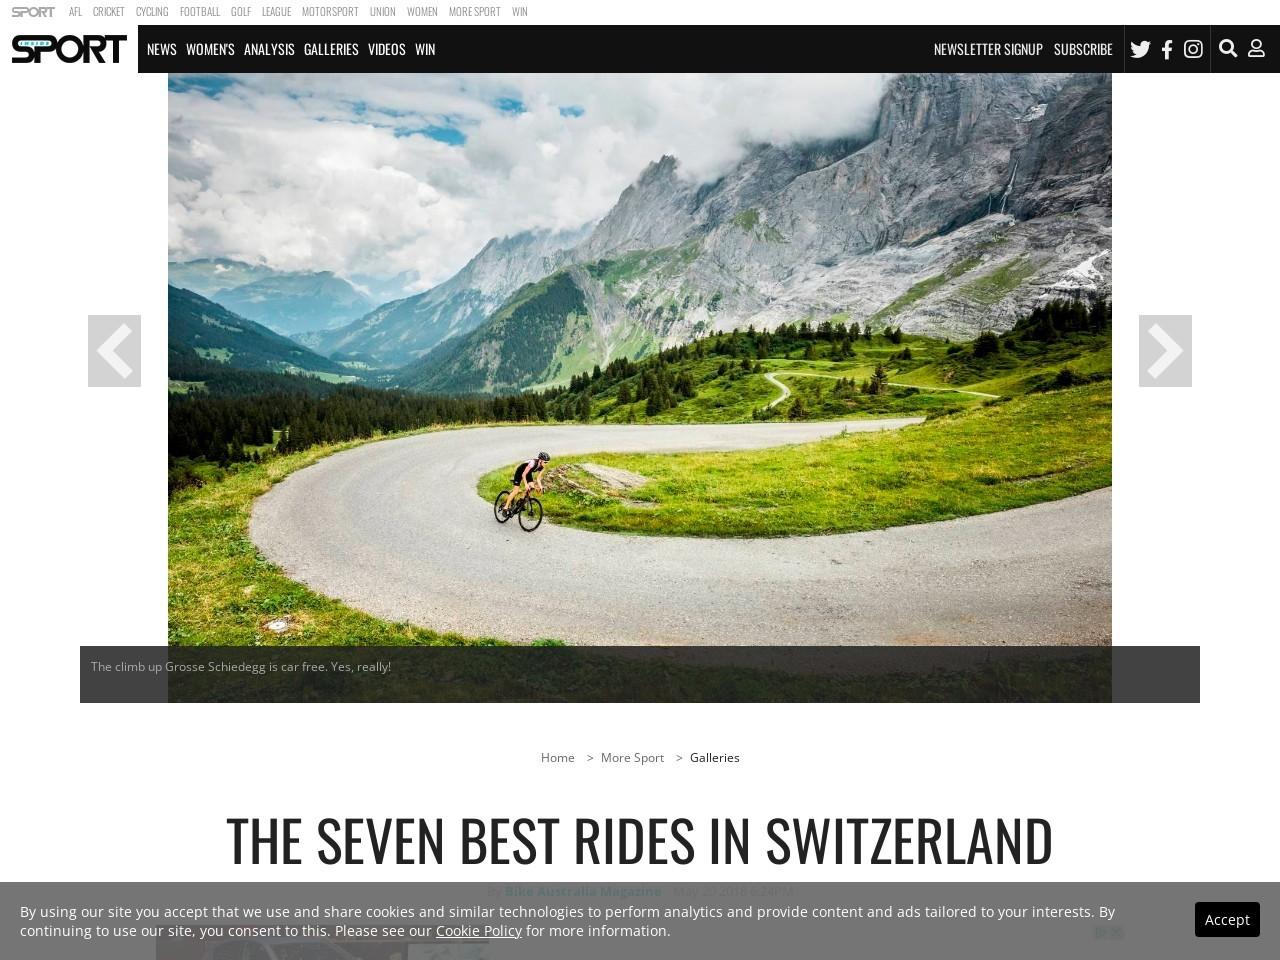 The seven best rides in Switzerland